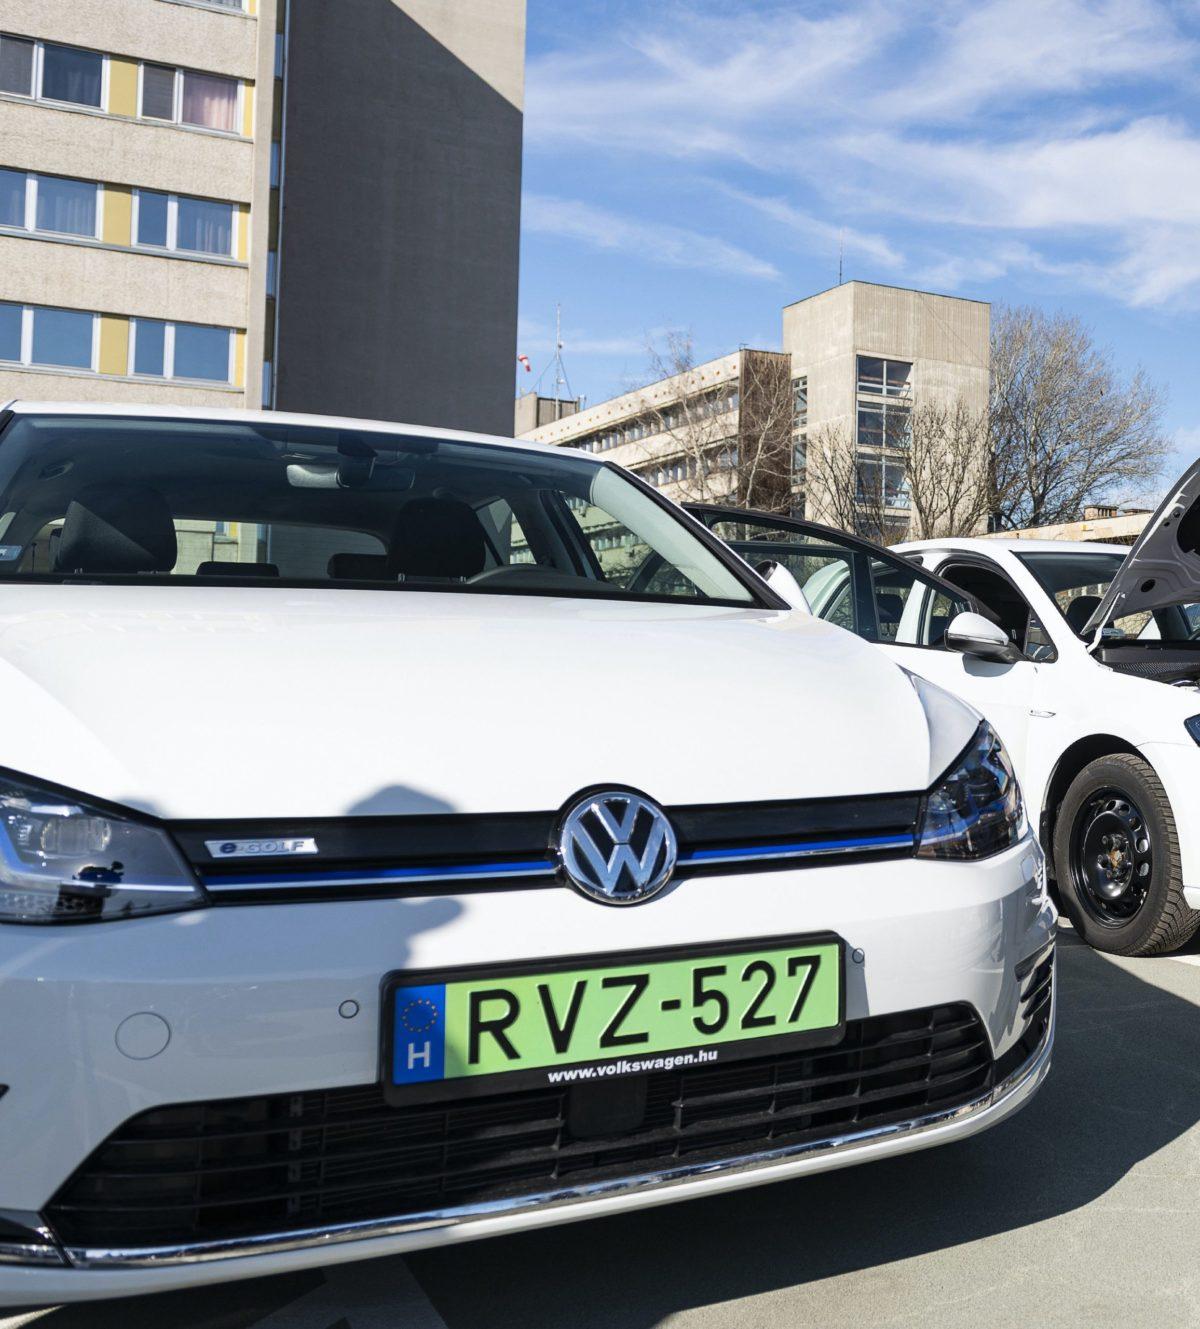 Zöld rendszámos autók elektromos autó